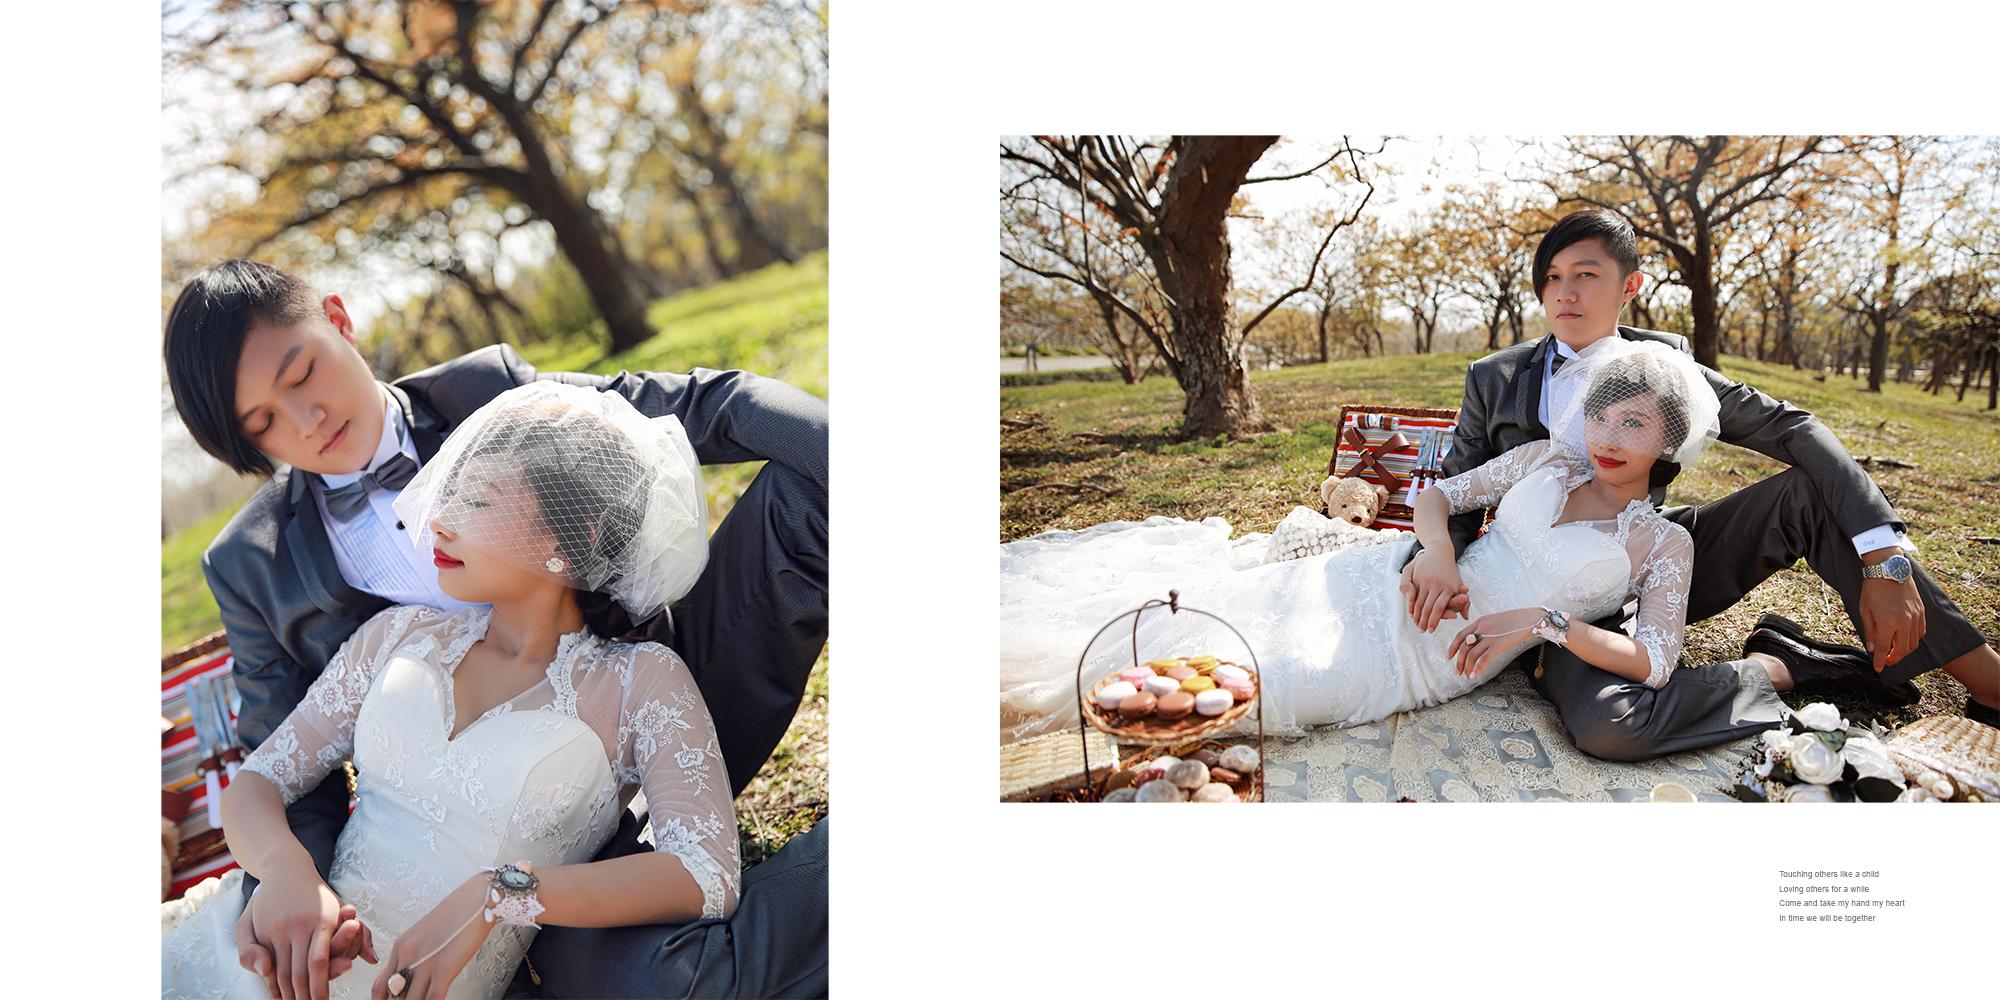 11.貴族下午茶野餐風格婚紗